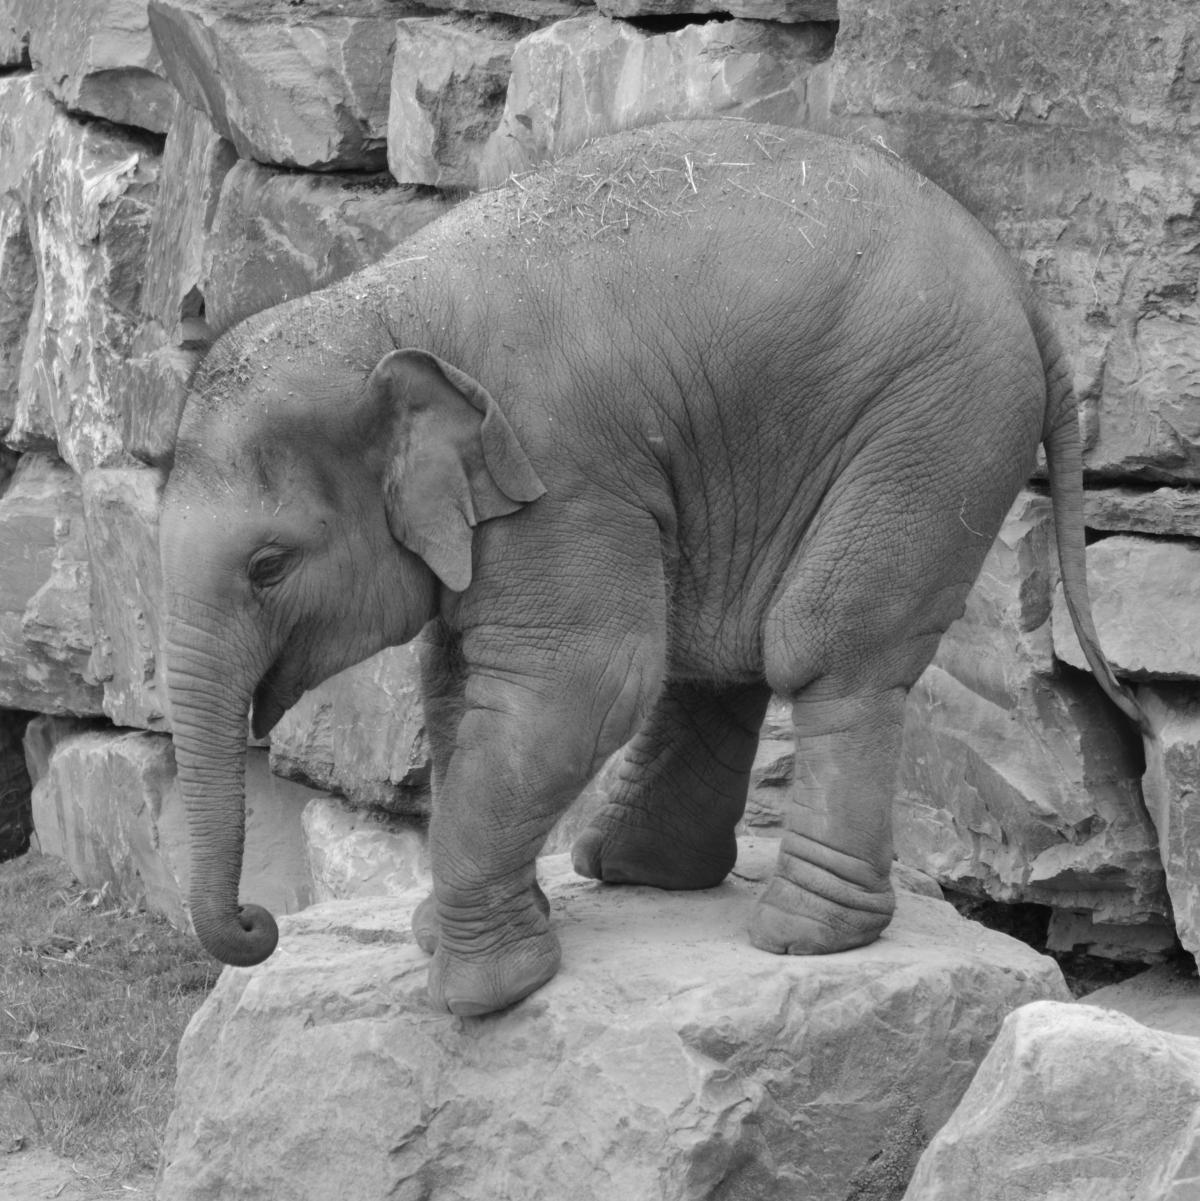 Animal baby elephant big five dumbo